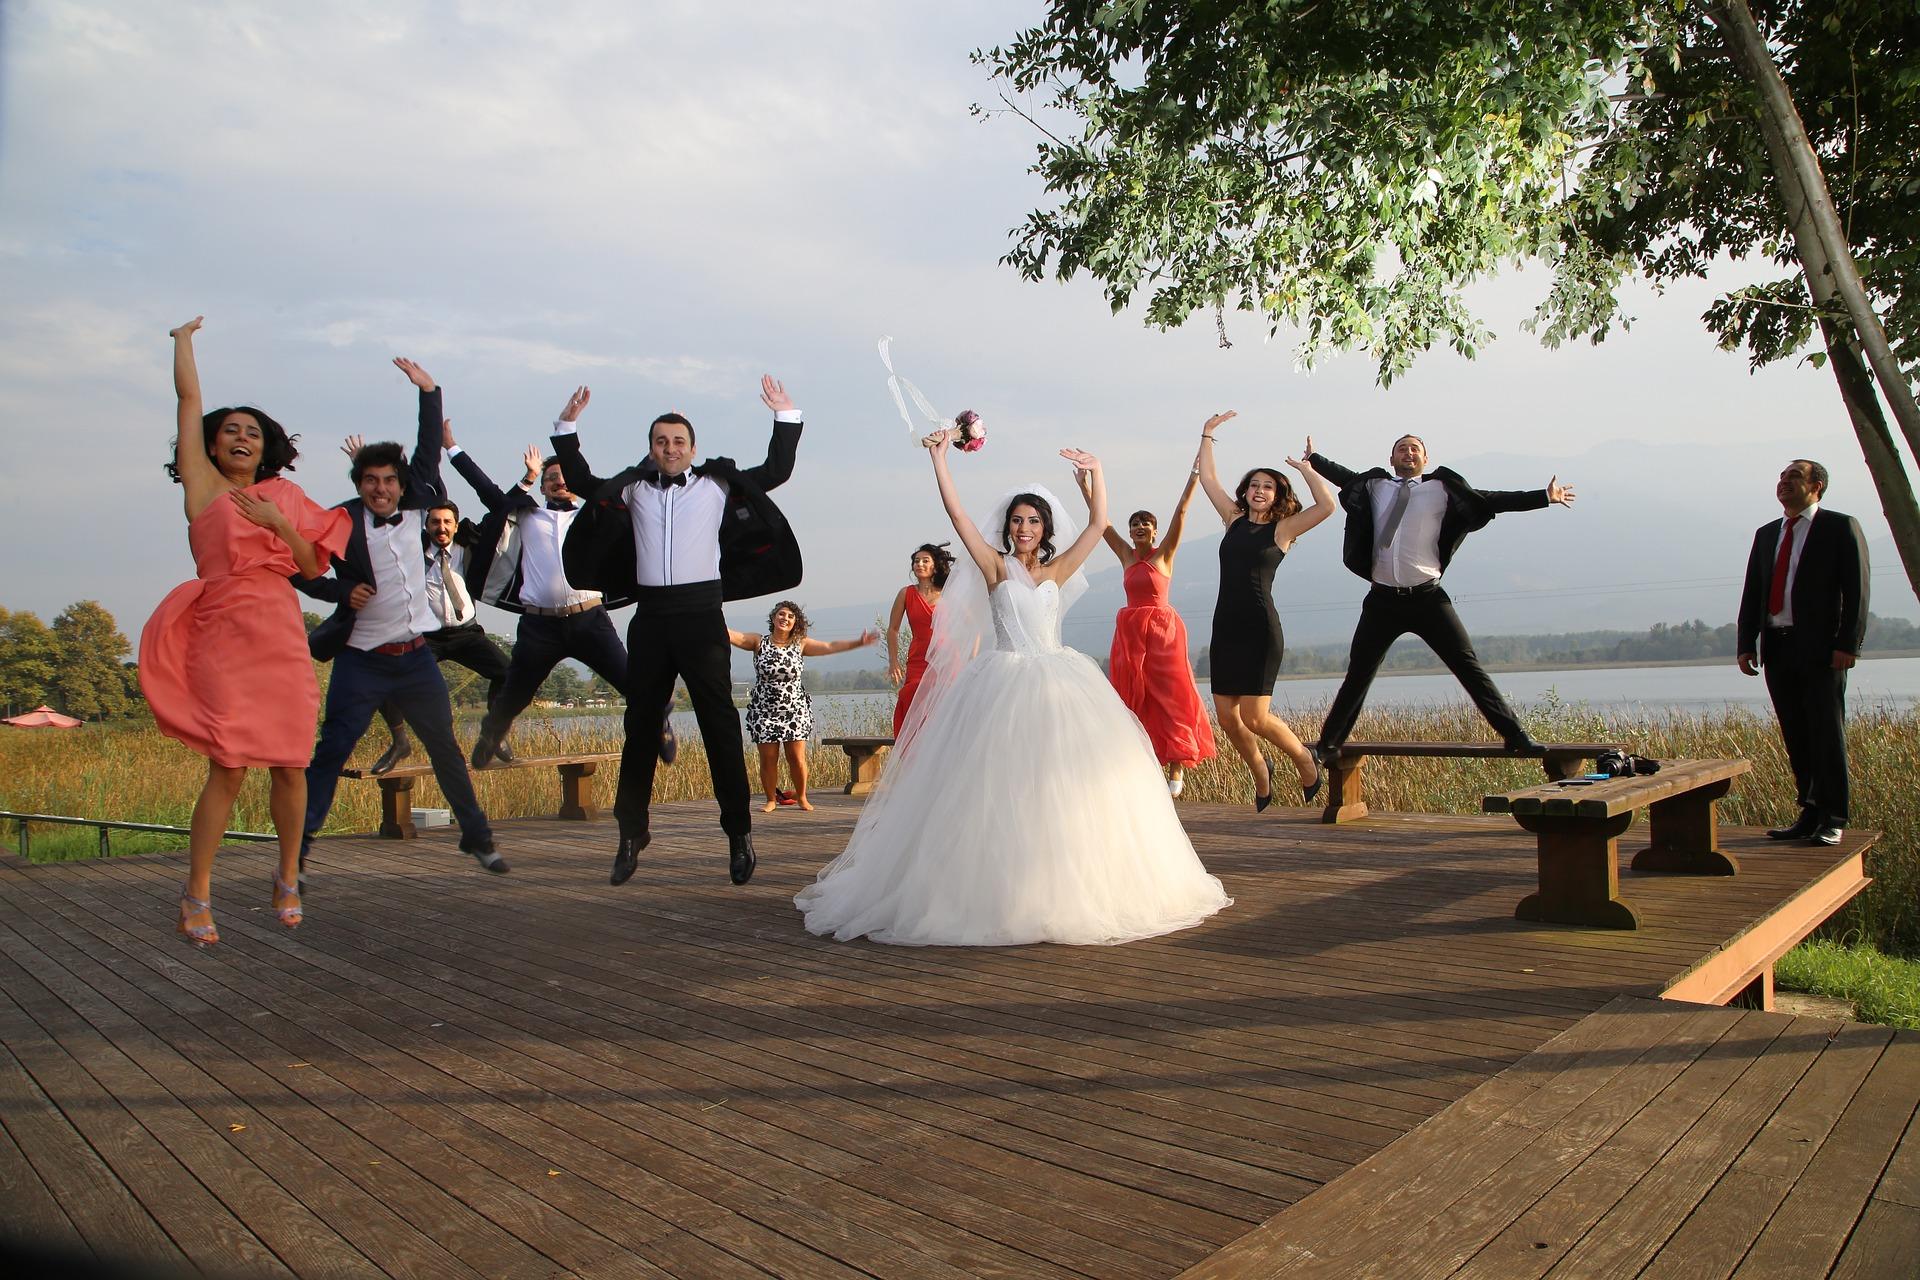 bride-and-groom-2718880_1920.jpg